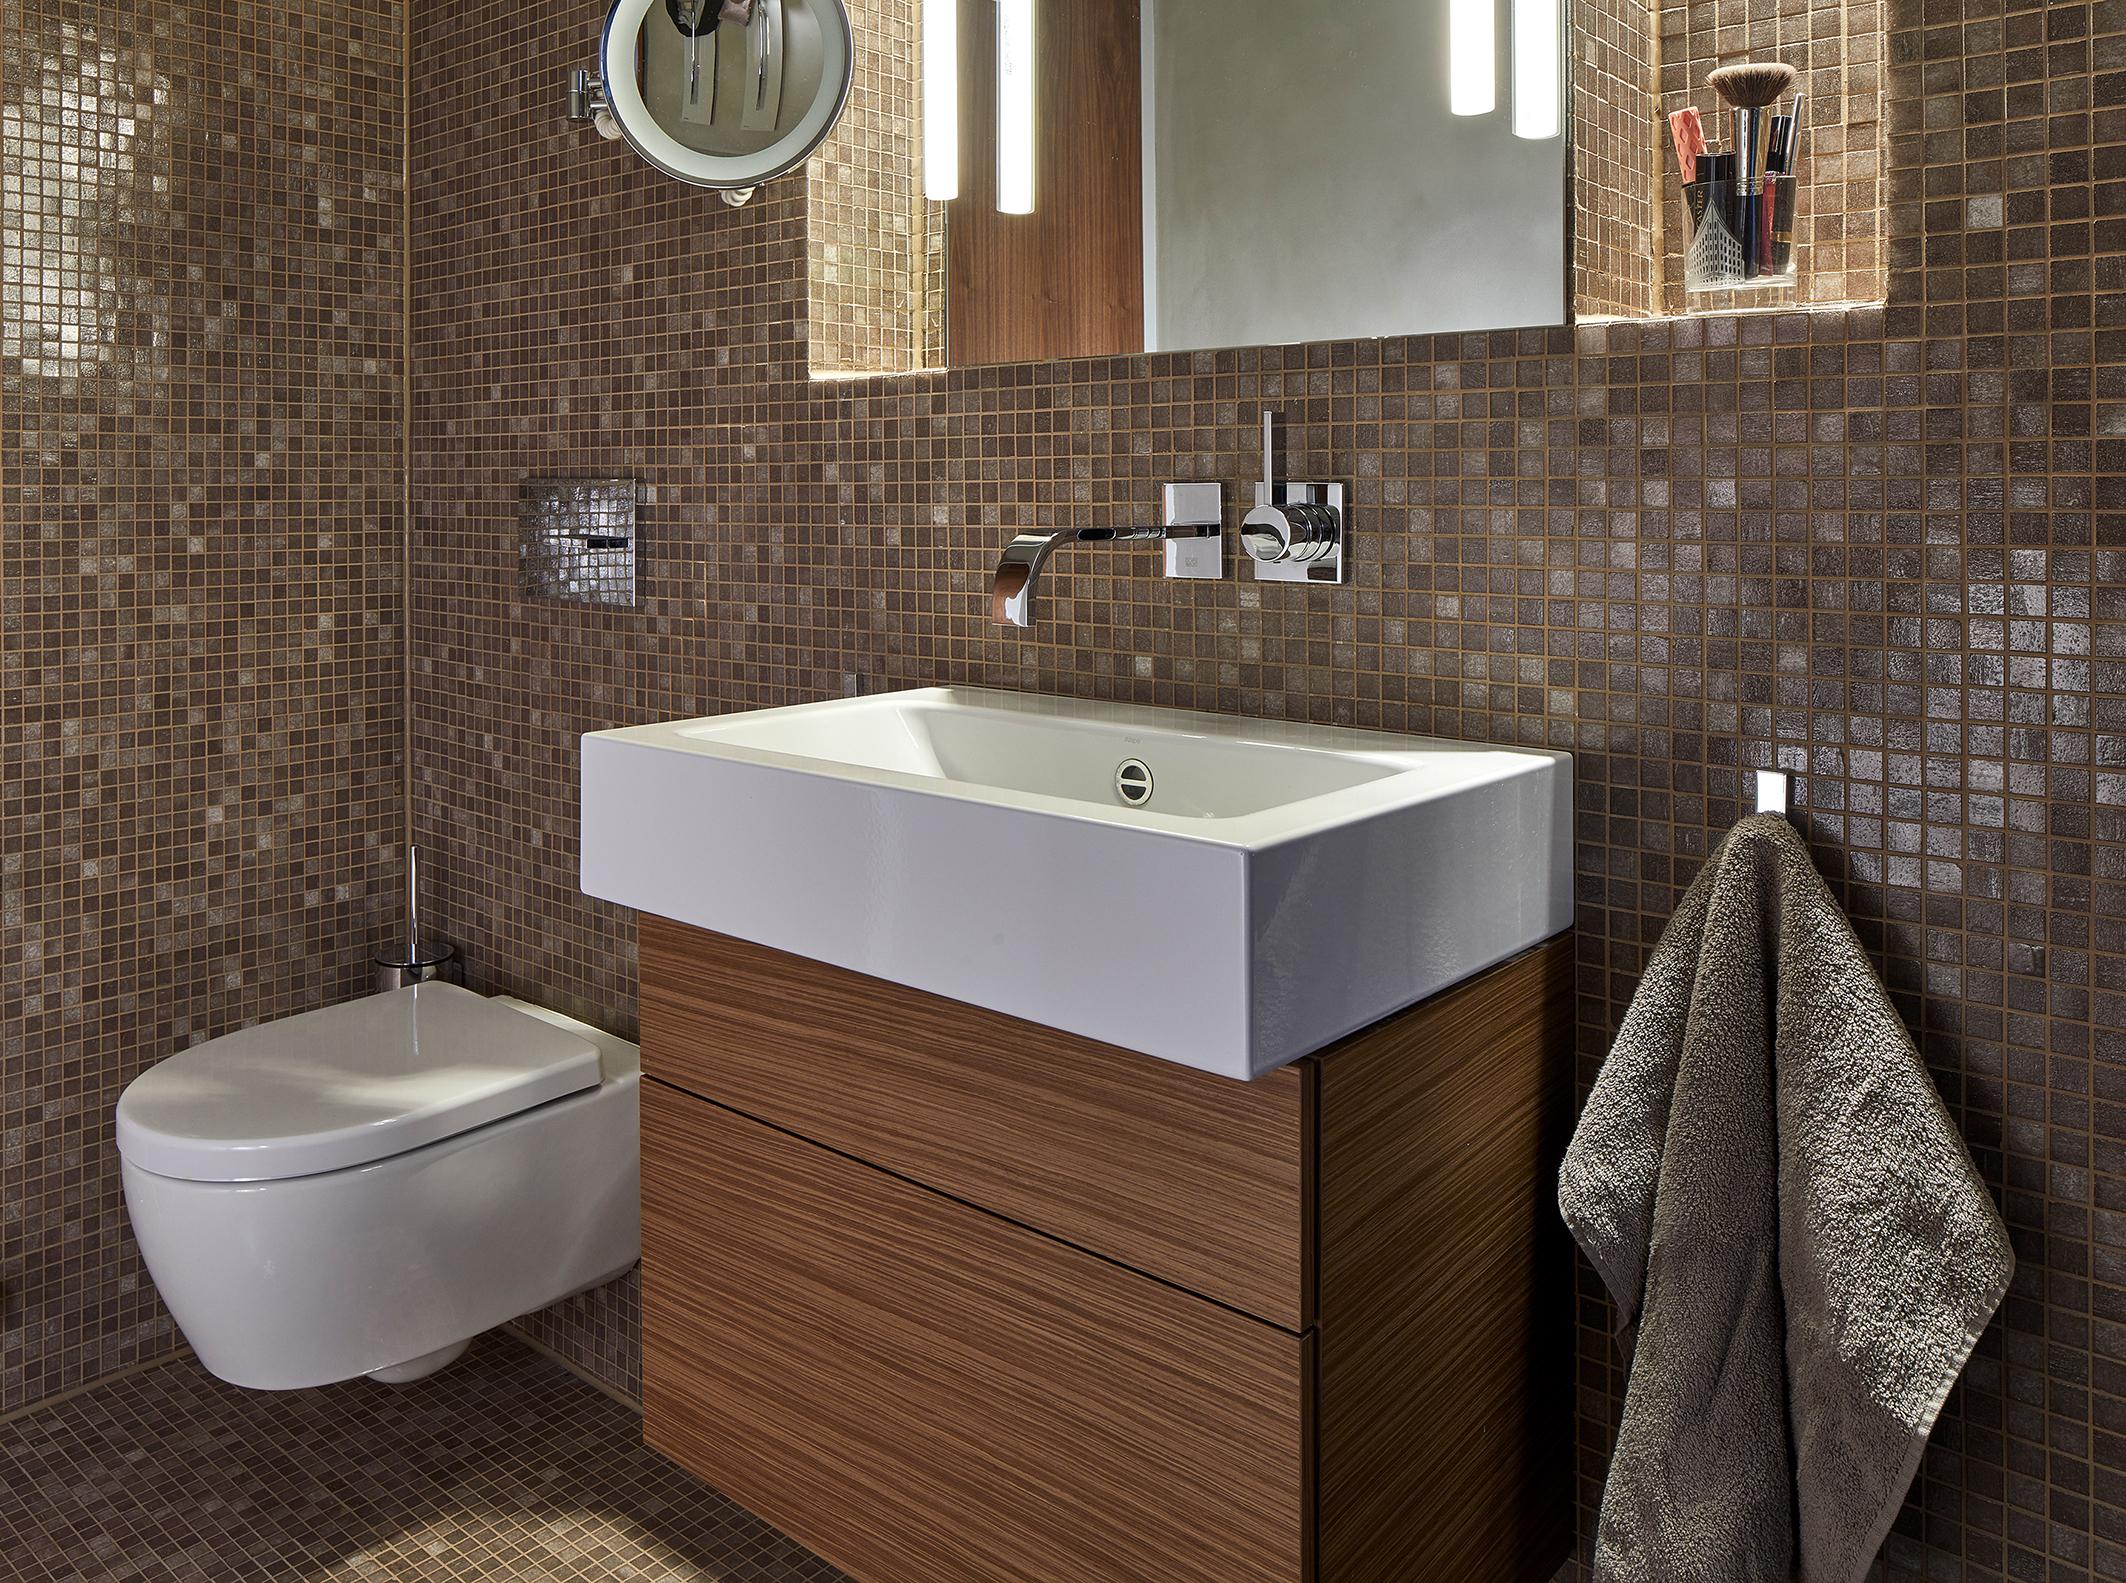 Braun hat sein Imageproblem abgelegt. Vor allem die Kombination seiner unendlich vielen Nuancen lässt das urbane Bad warm und gemütlich und dennoch modern und glanzvoll erscheinen. Foto: Vereinigung Deutsche Sanitärwirtschaft (VDS) / ©Dornbracht